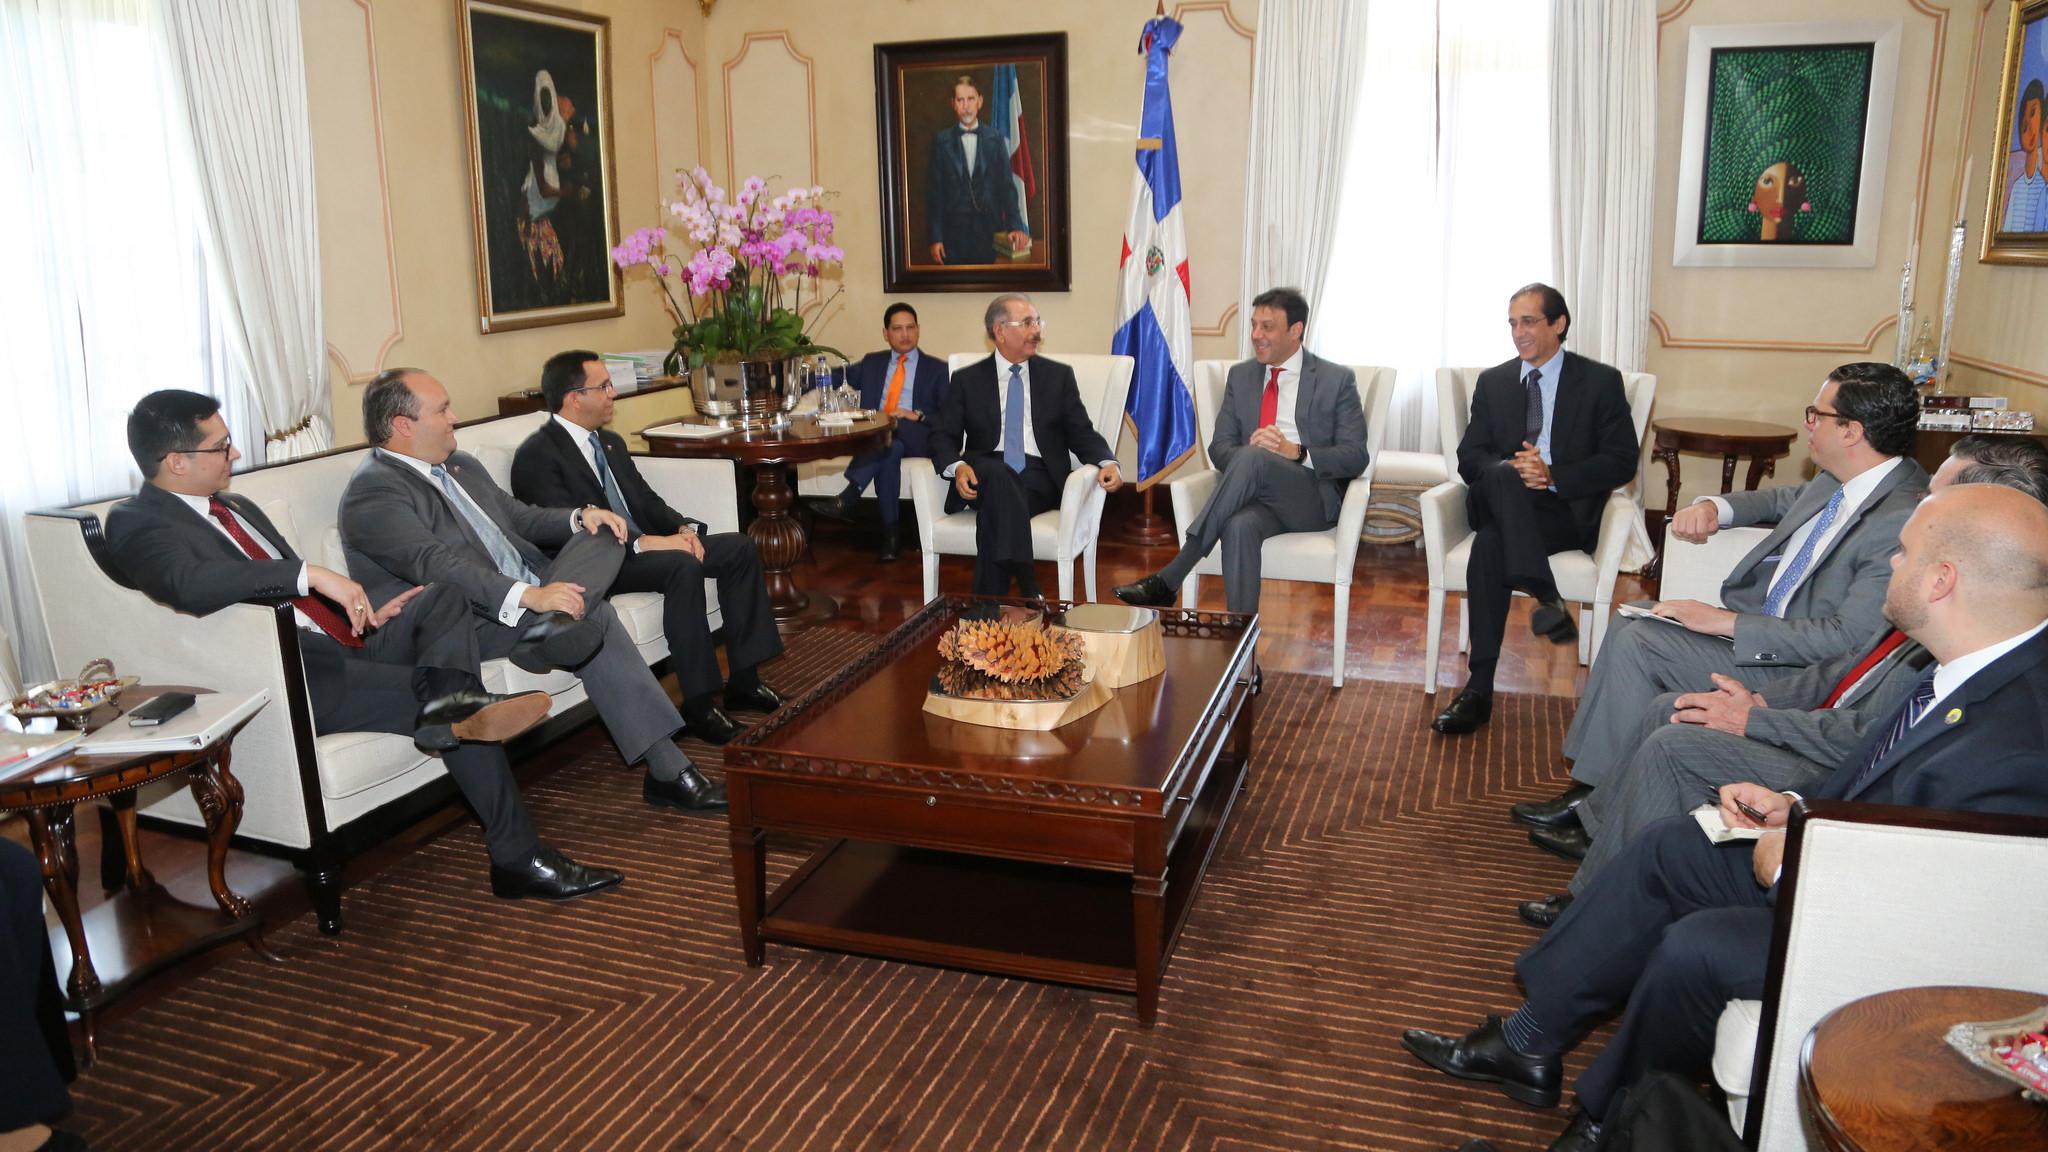 Medina recibe al secretario Departamento Estado Puerto Rico